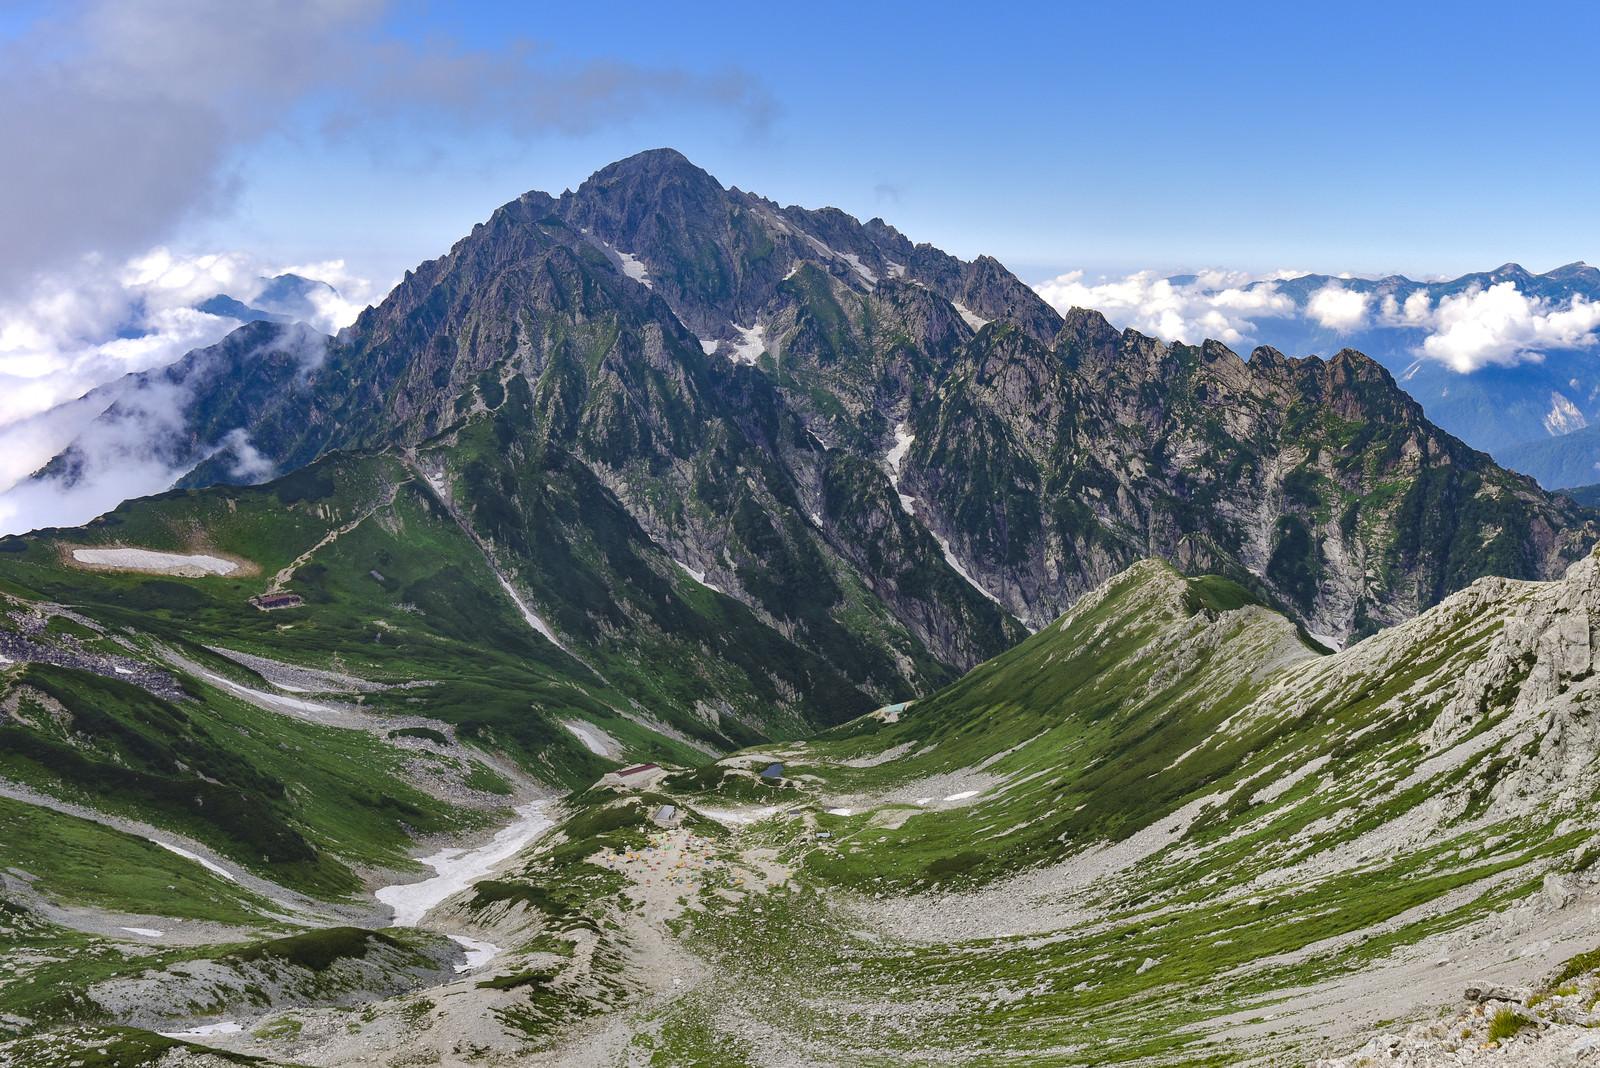 「劔沢のカールと剱岳(立山)」の写真